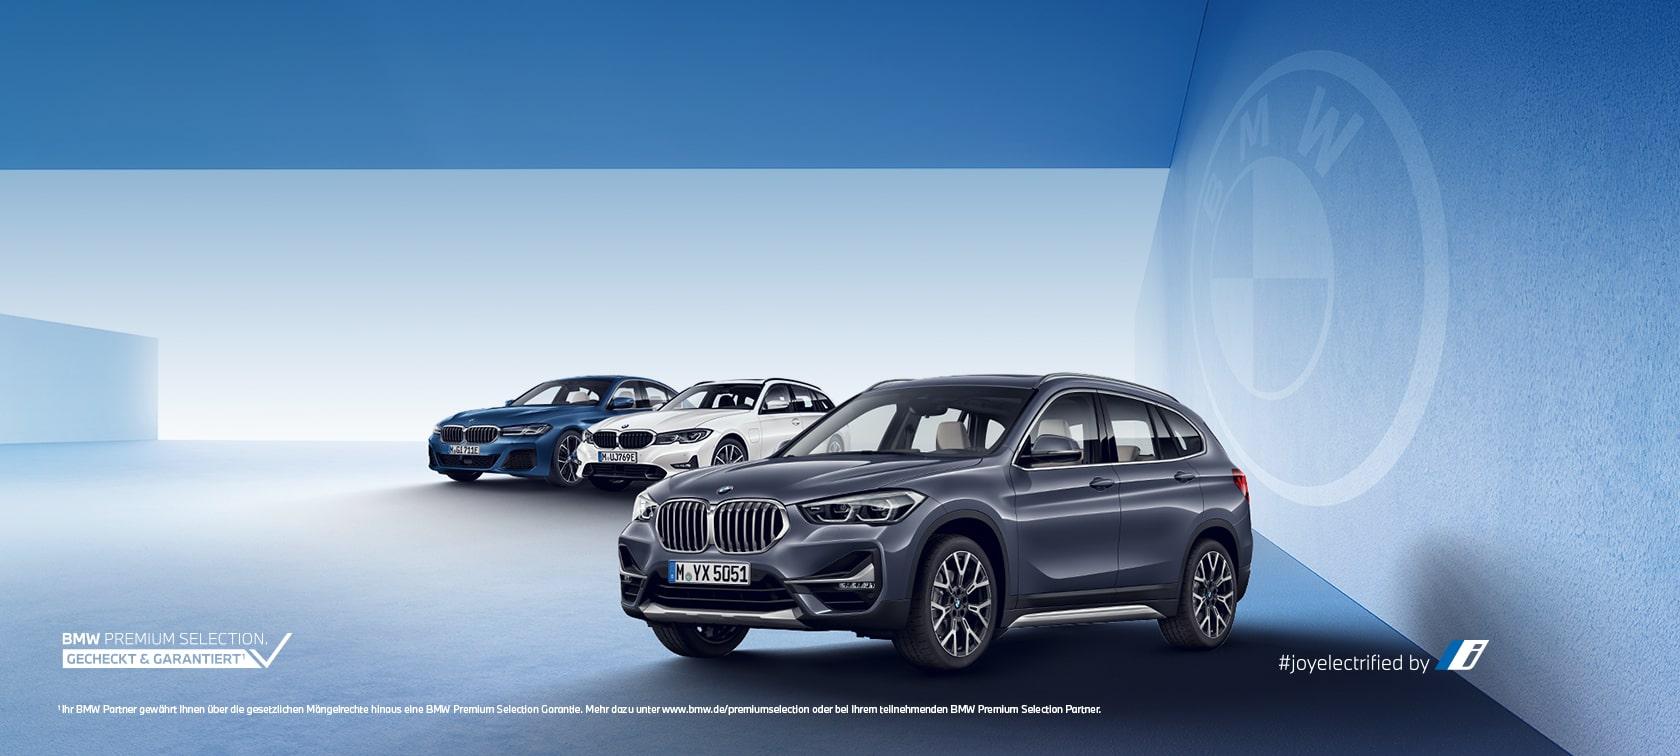 BMW Wagner Gebrauchtwagen